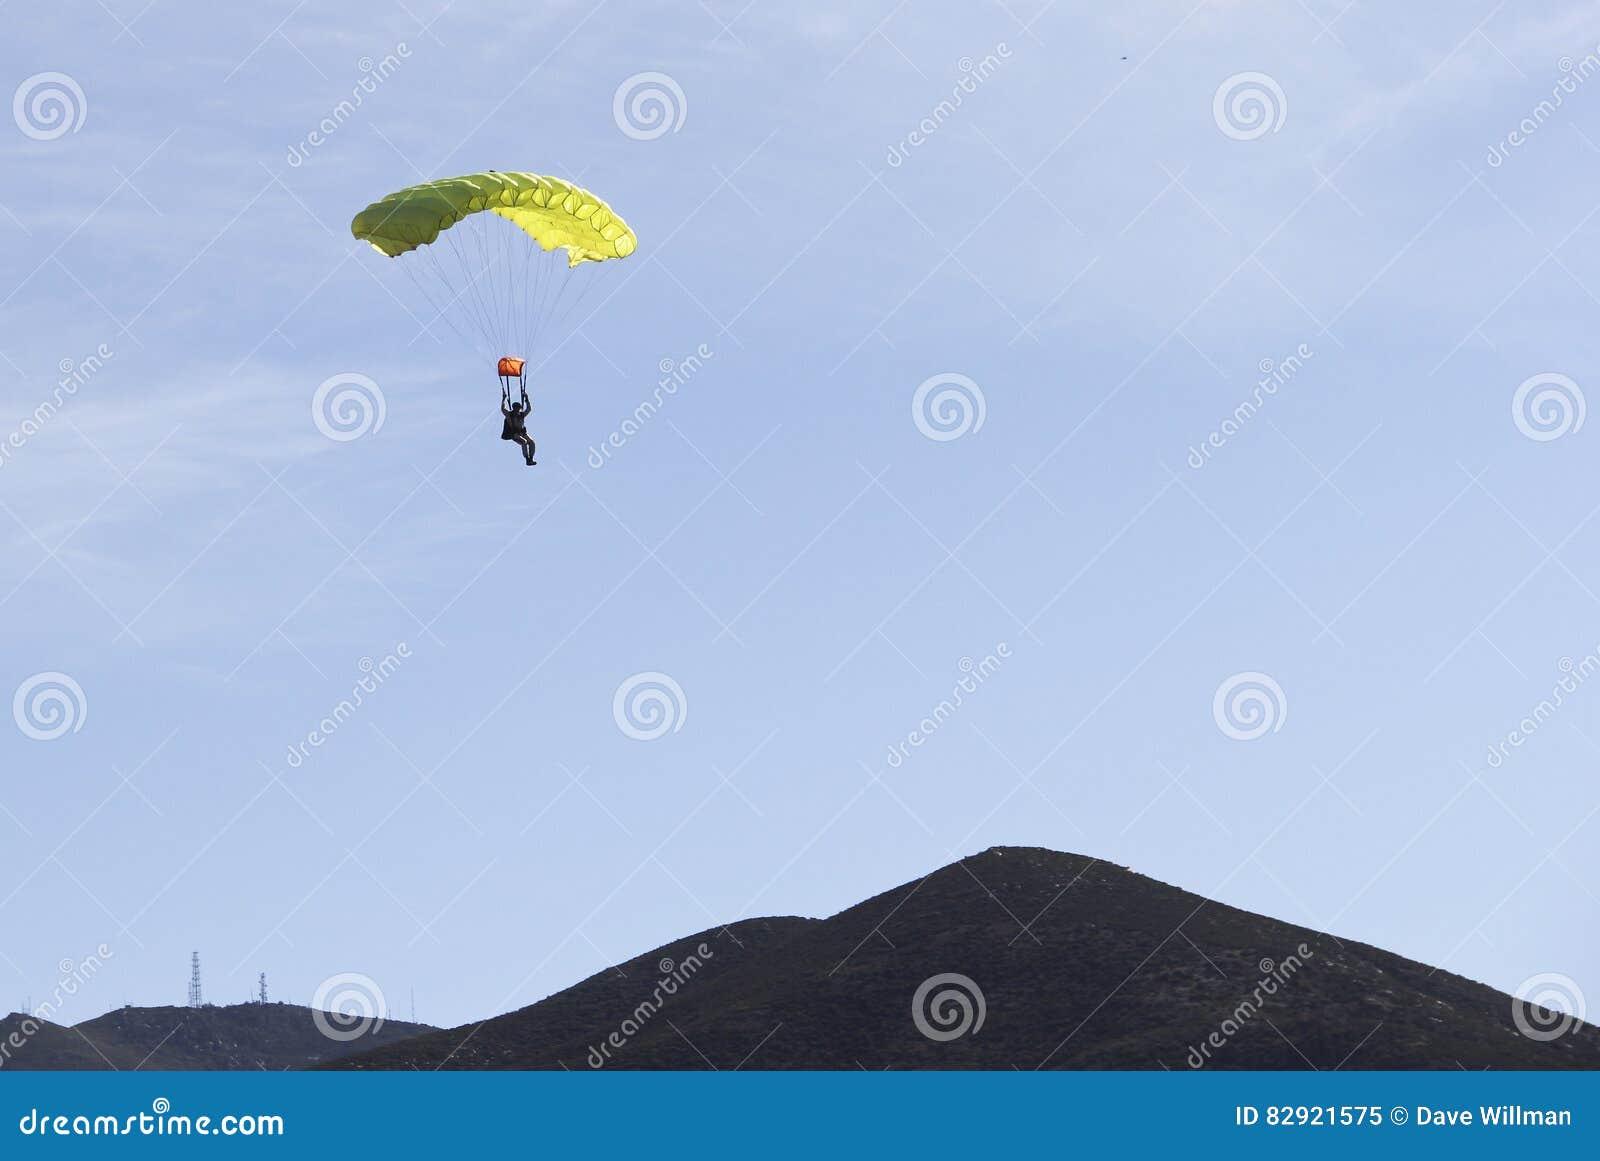 Шлямбур парашюта возвращает к земле